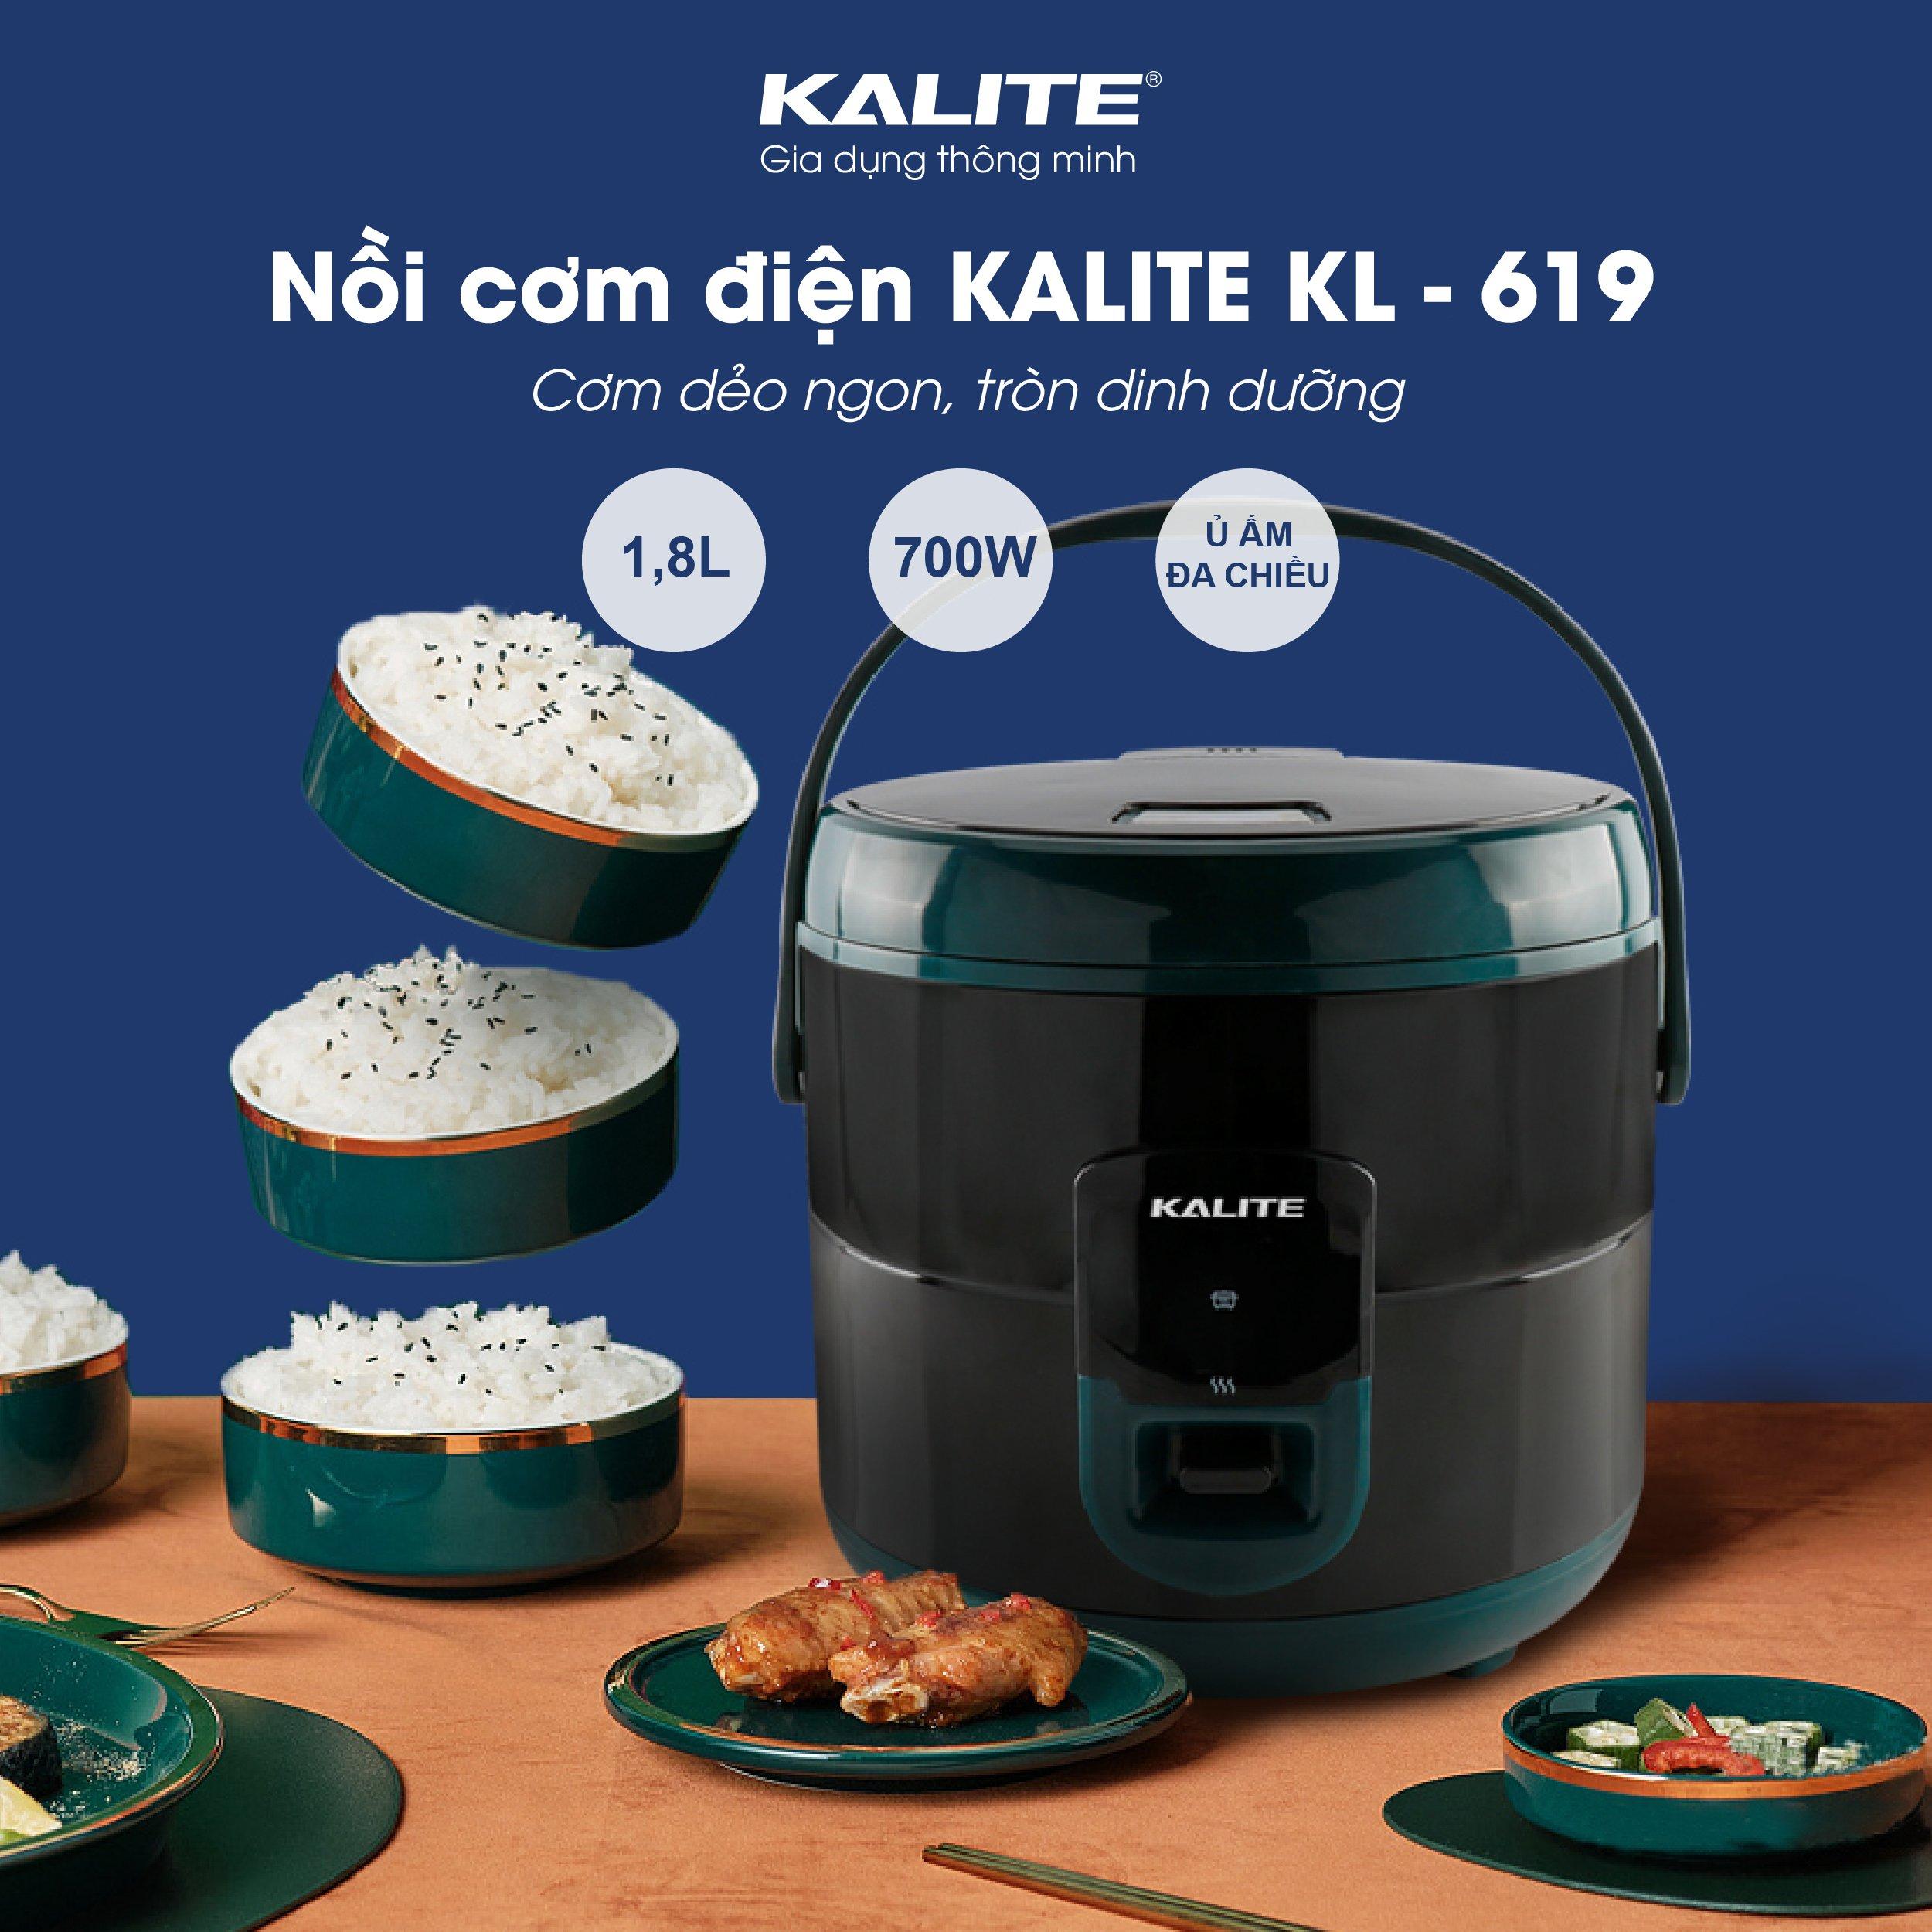 noi-com-dien-kalite-kl-619-3